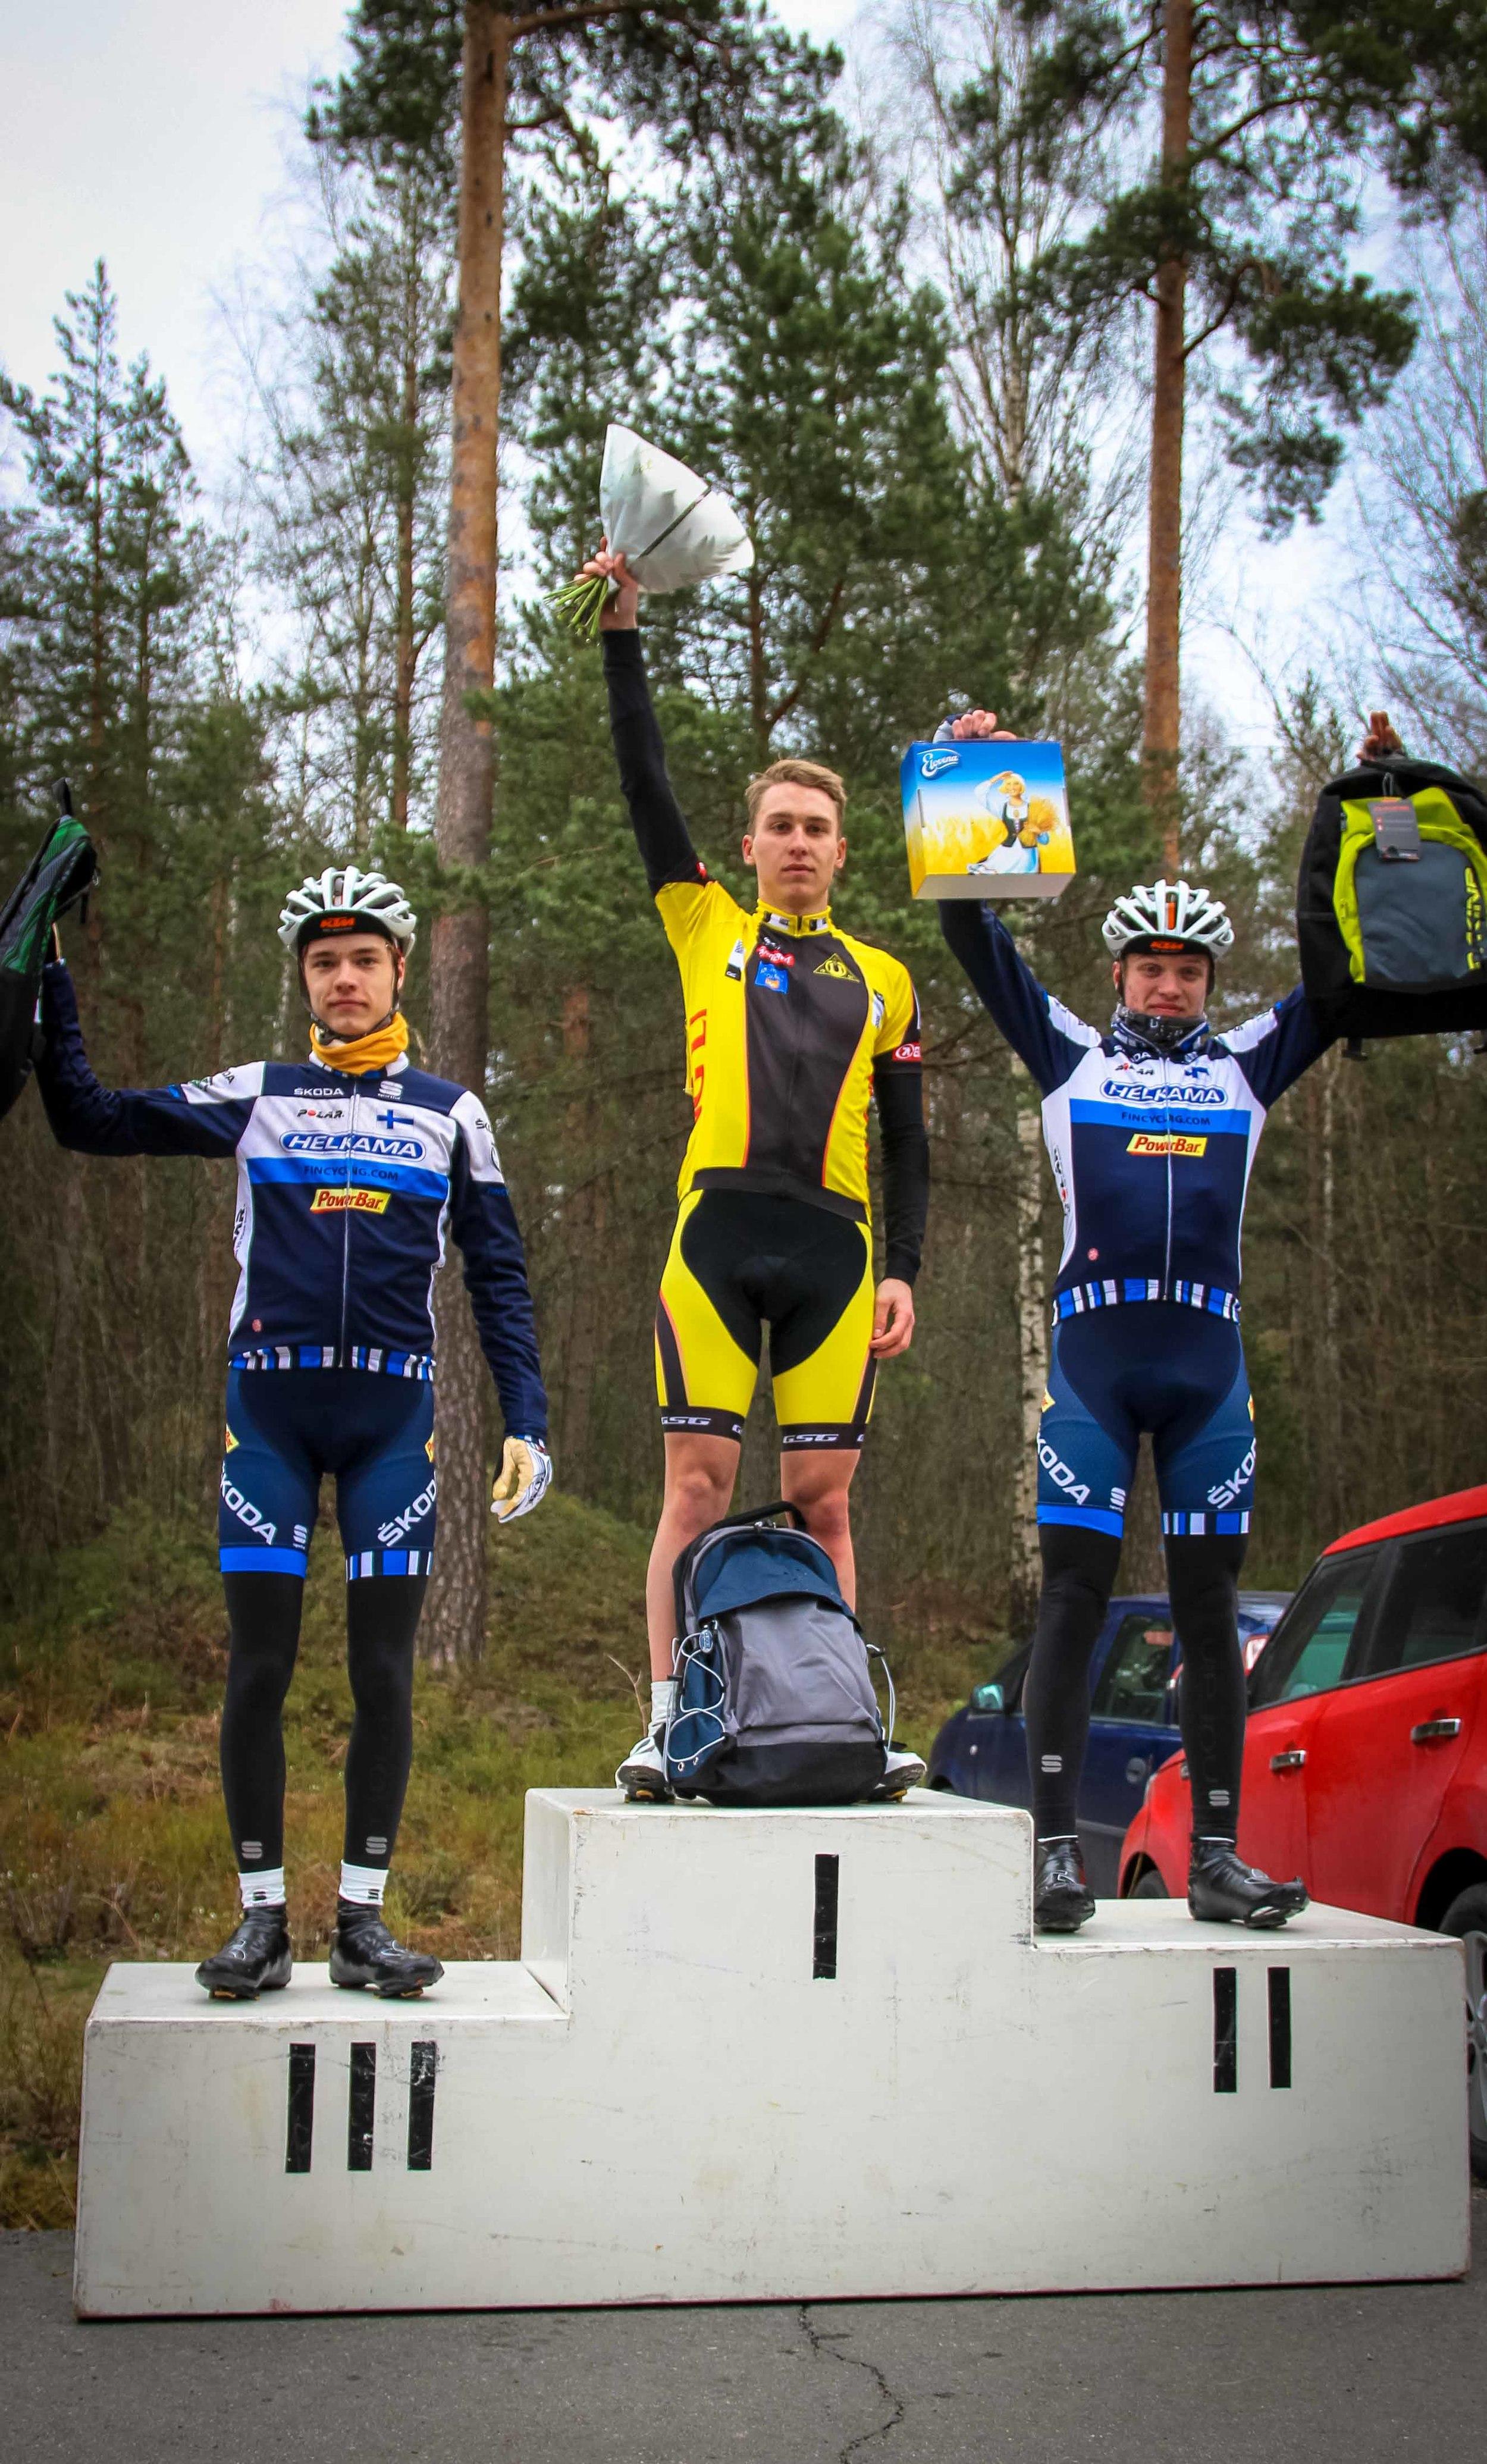 M-18 class podium Joel Bergman (3rd), Erik Relanto (1st) and Simo Terävä (2nd)